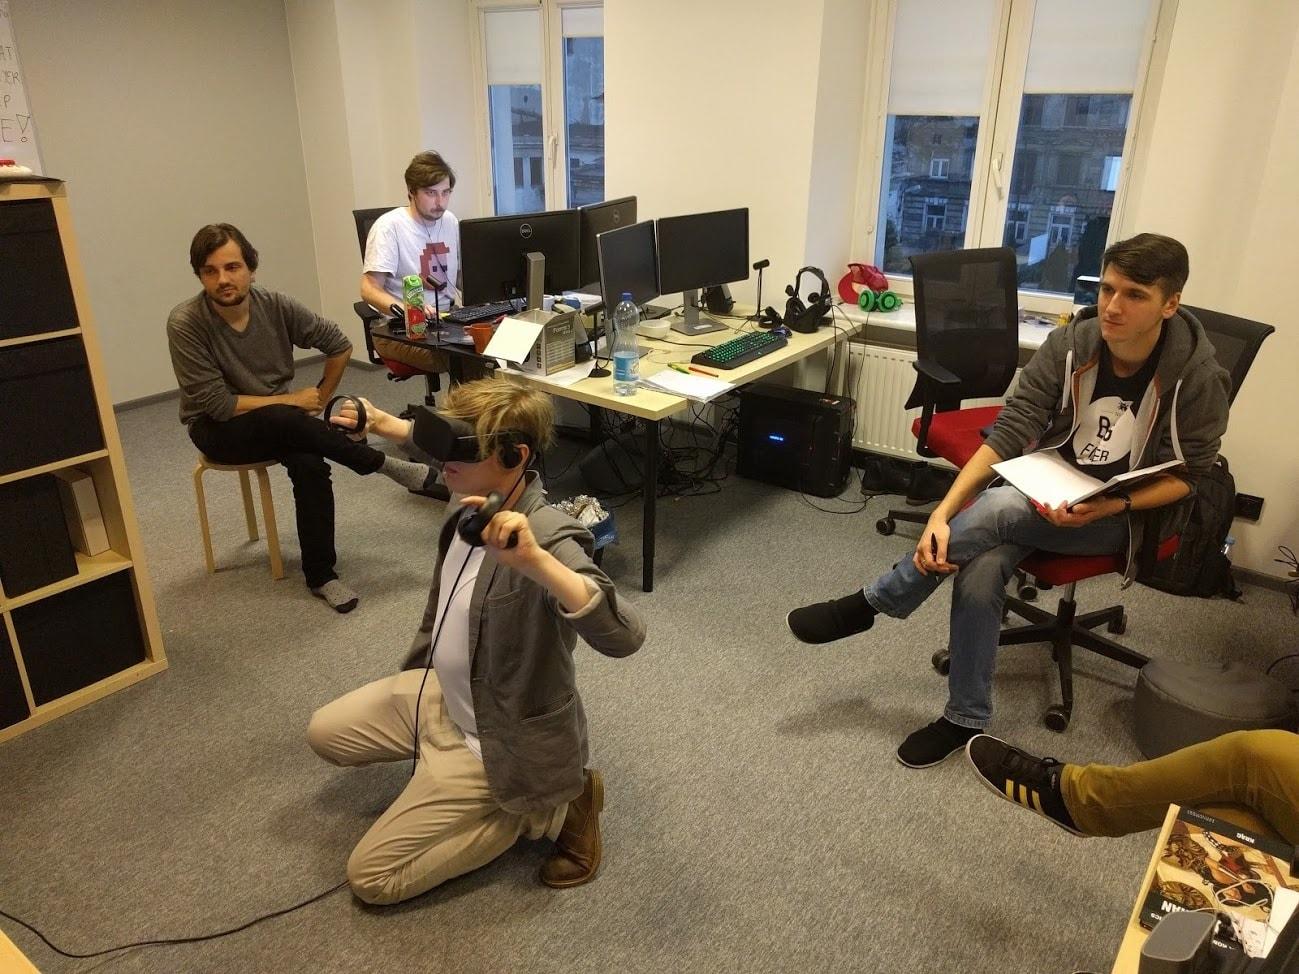 結合時空凍結和子彈時間要素射擊遊戲《SuperHot》VR 版推出《SuperHot》